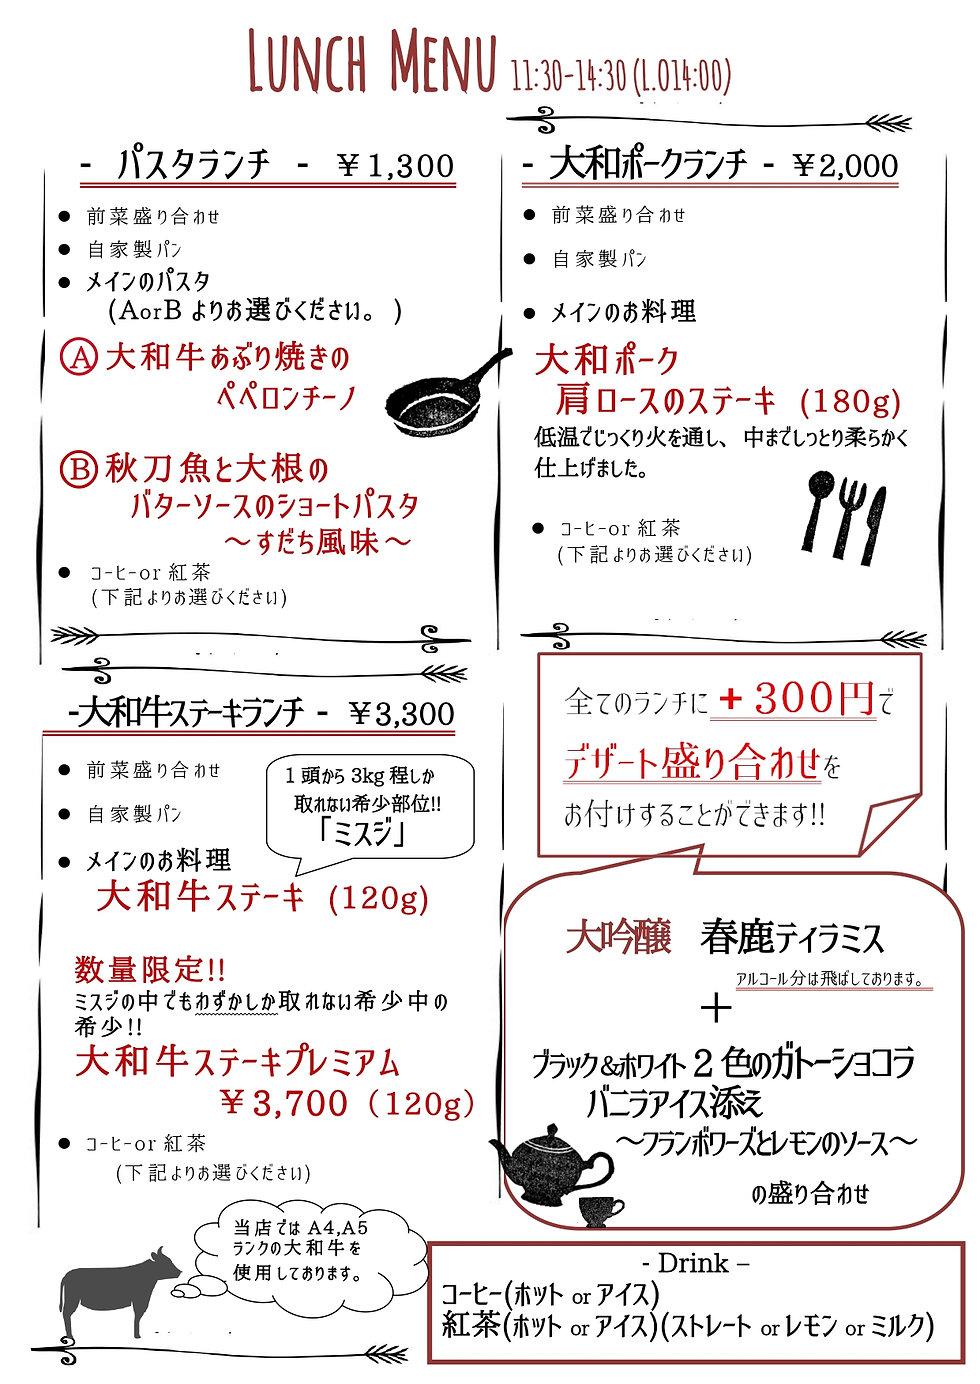 ランチメニュー 2021.3.10 _page-0001(5).jpg